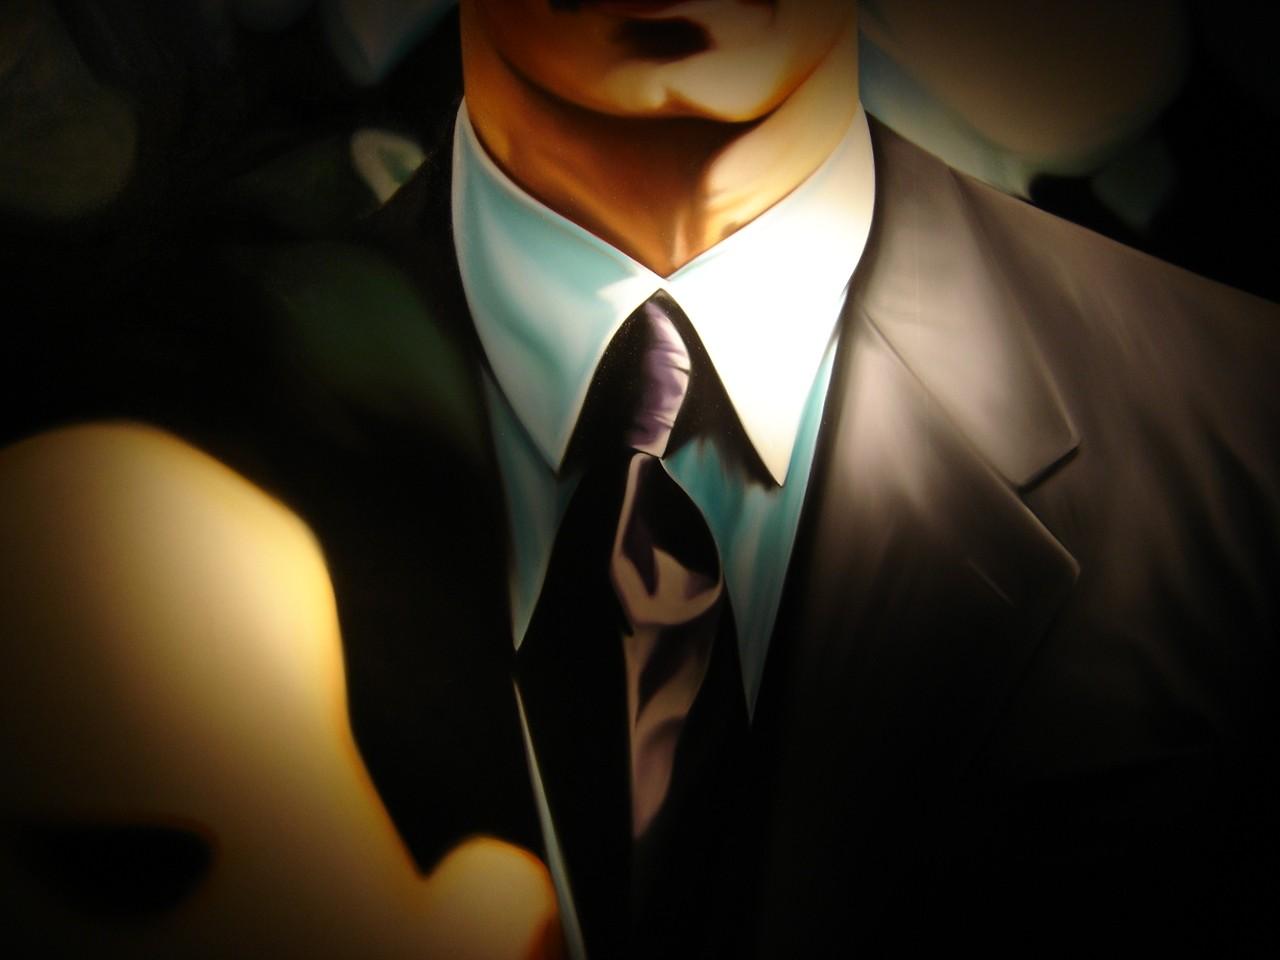 Odzież męska – największe błędy modowe